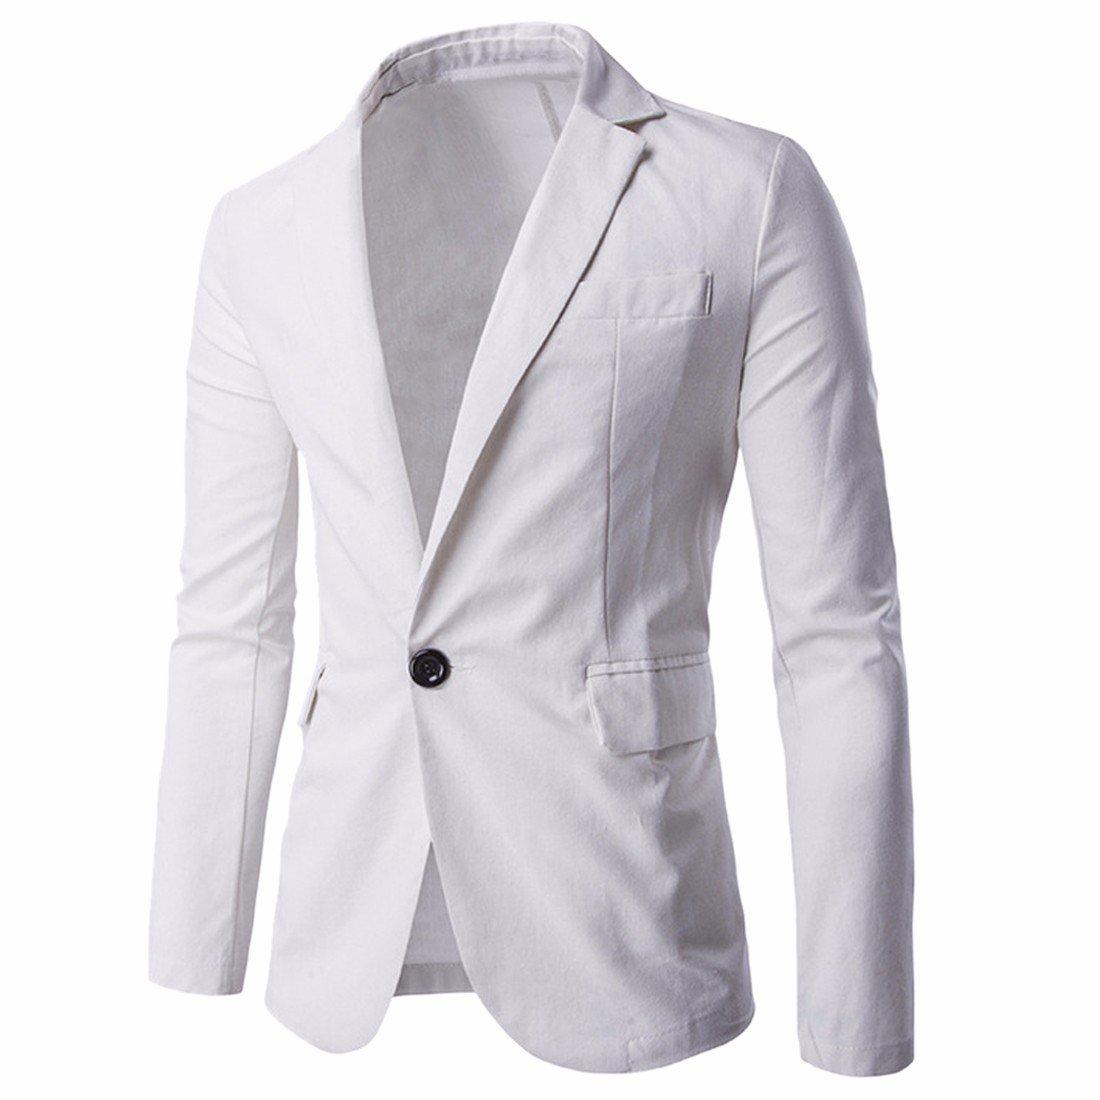 Ai.Moichien Men's Tailored Fit Premium Linen Blazer Jackets Casual Suit Coats Multi Color A2006S0930